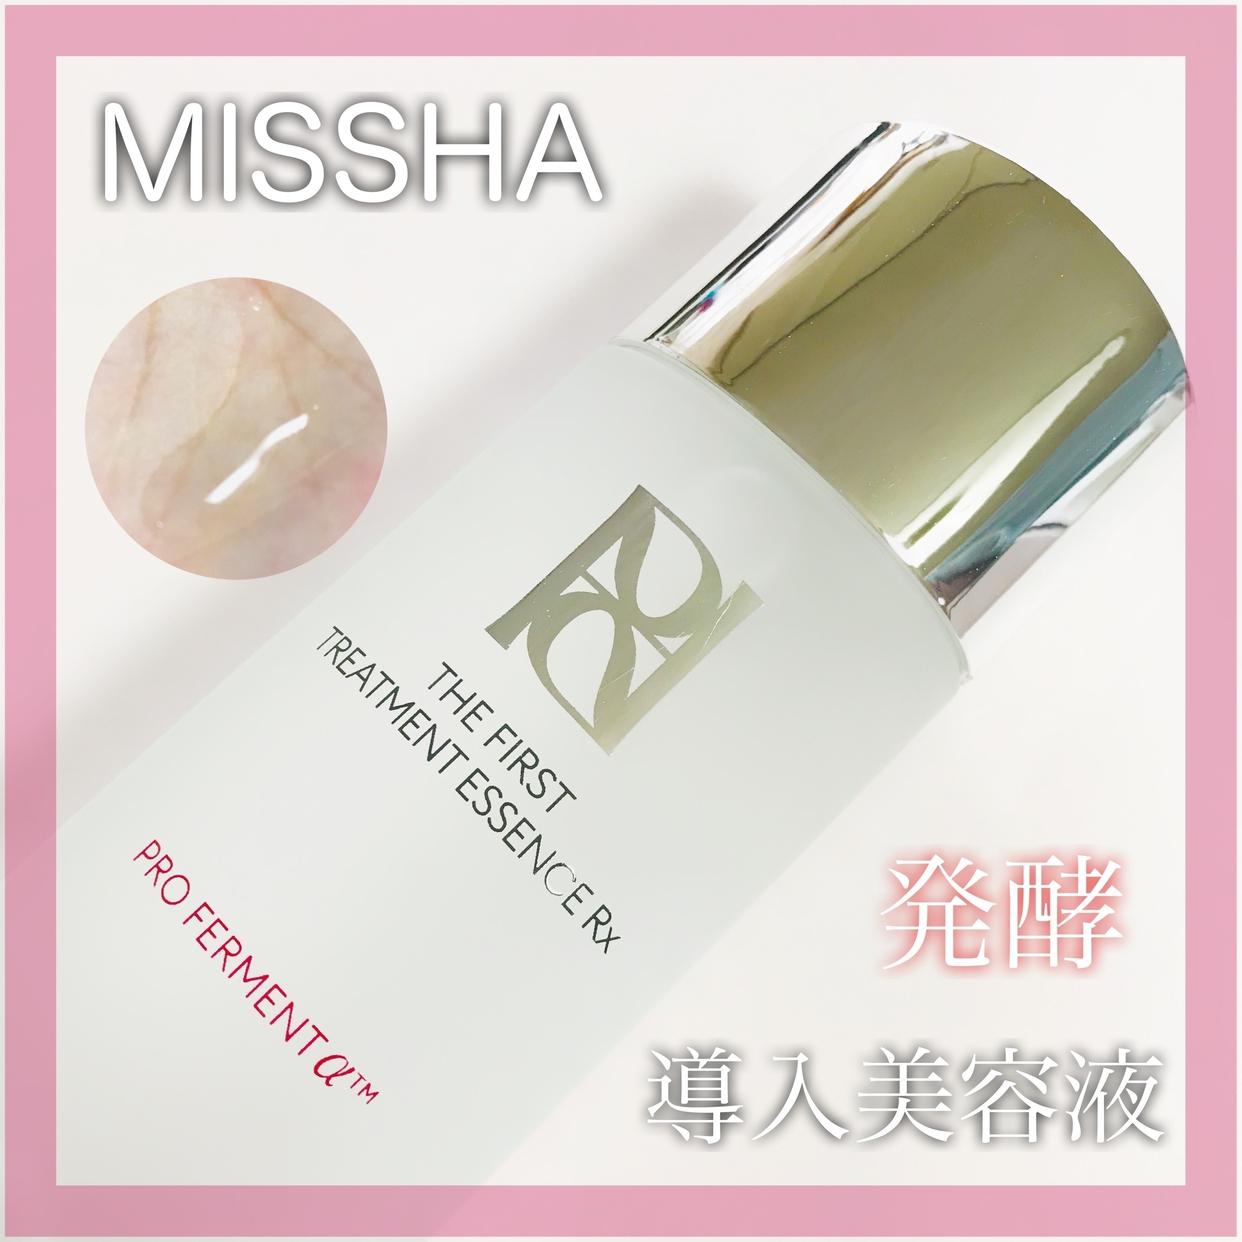 MISSHA(ミシャ)レボリューション タイム ザ ファースト トリートメント エッセンス RXを使ったありすさんのクチコミ画像